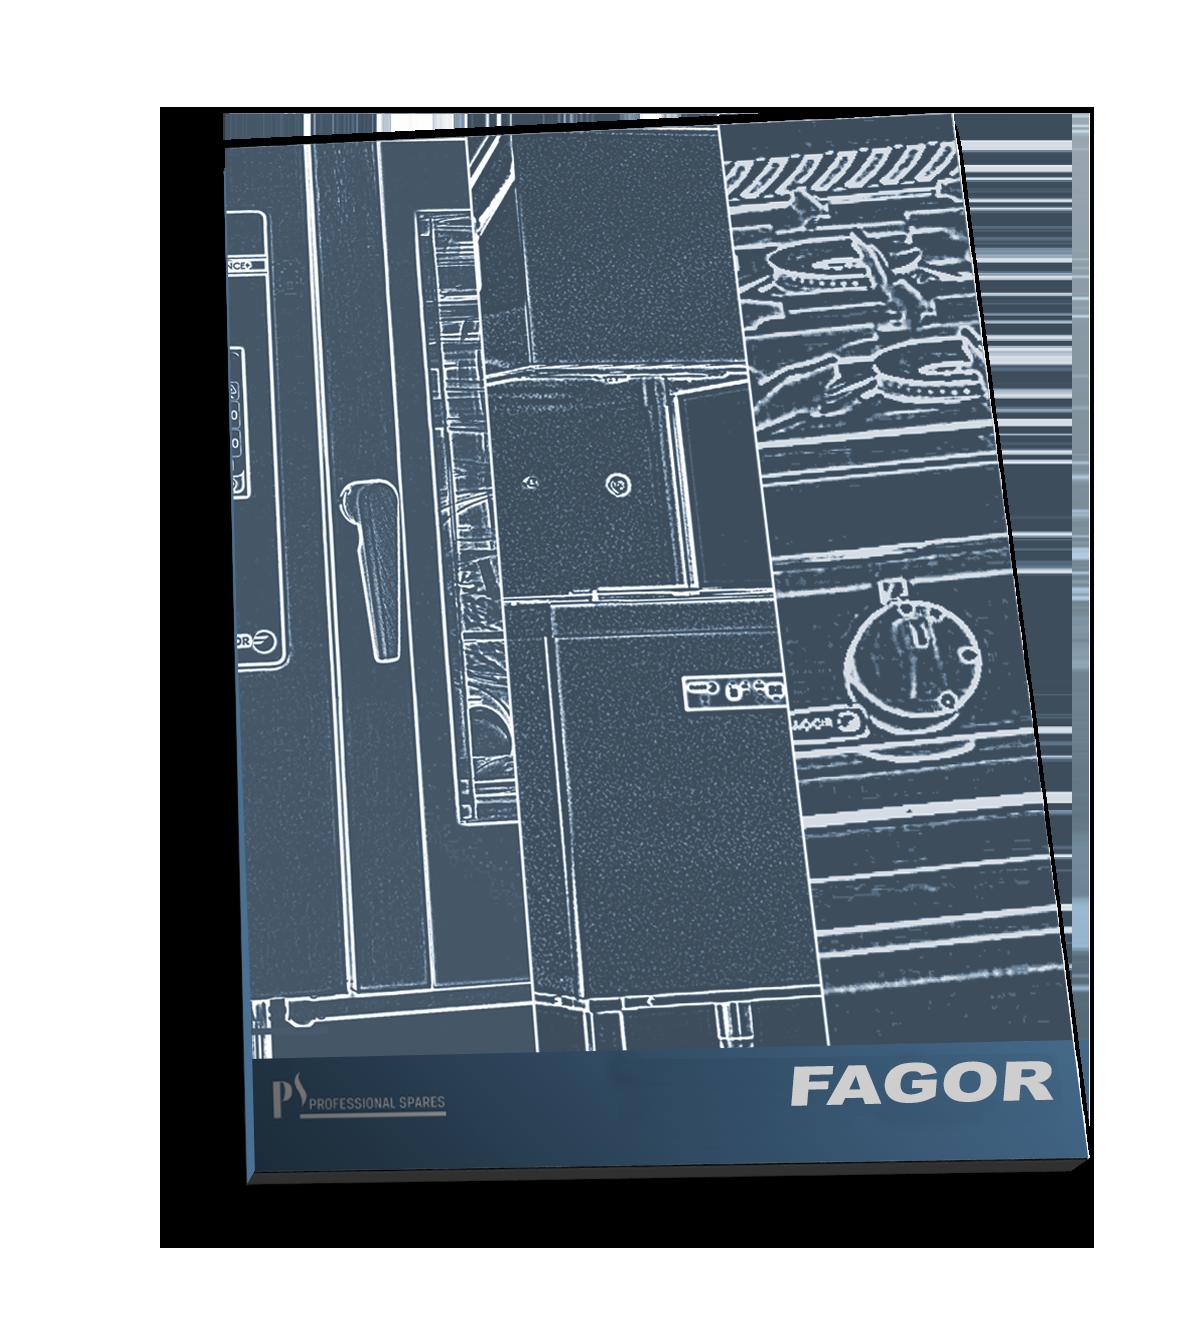 FAGOR-catalogo-forni-lavaggio-cottura